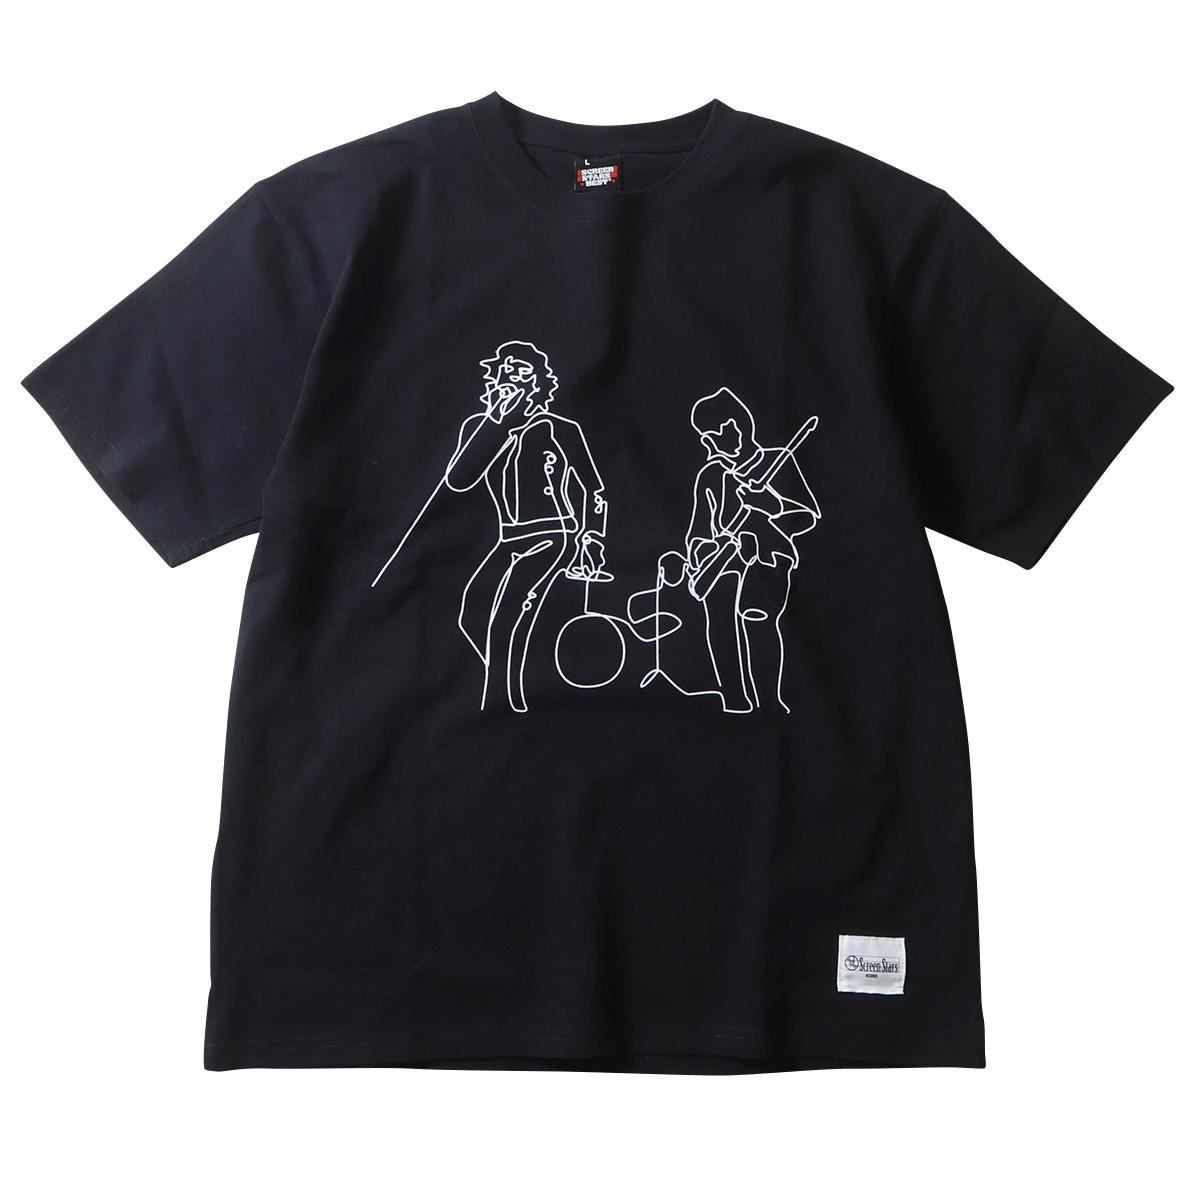 SCREEN STARS スクリーンスターズレコーズ BROWN SUGAR 線画プリント 半袖 アメカジ Tシャツ C柄